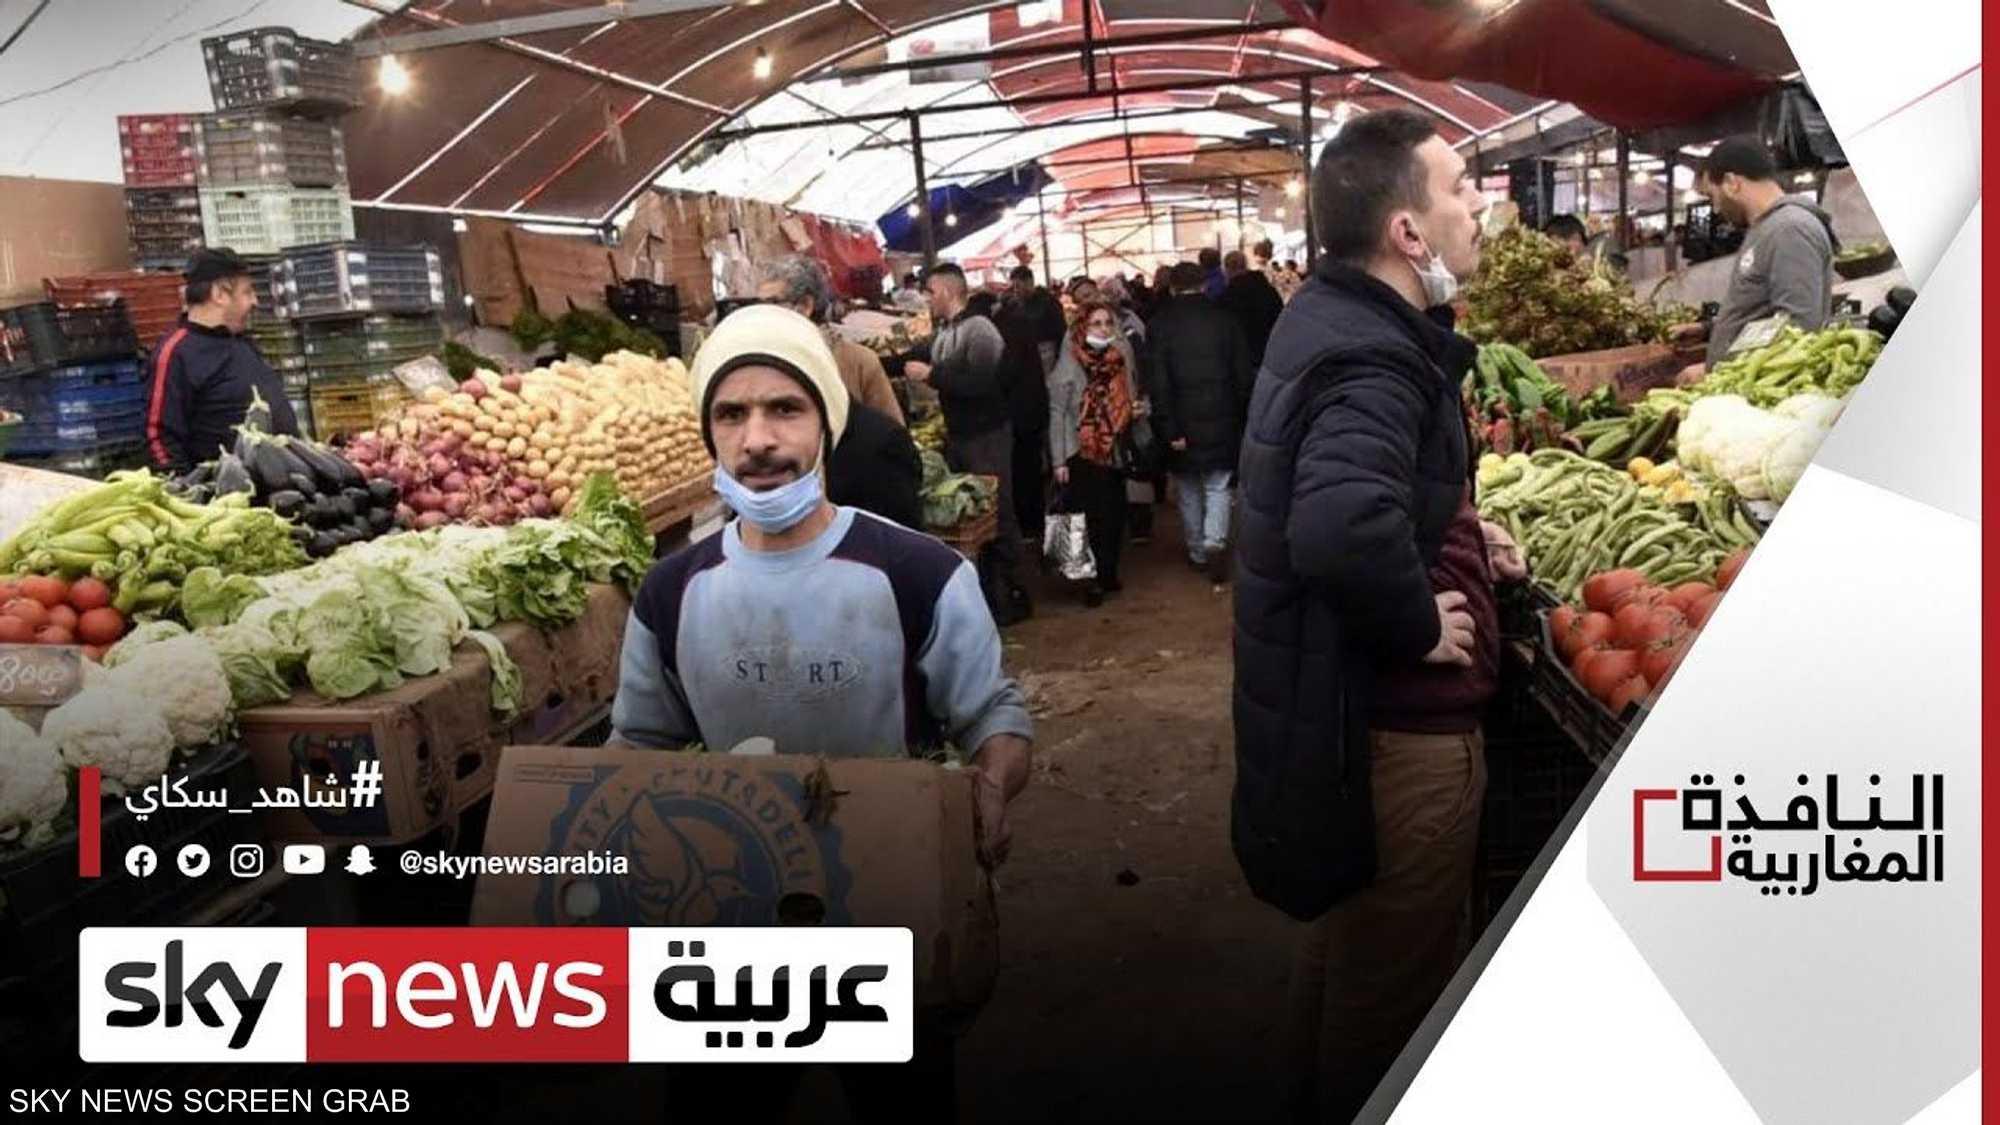 فرض نظام الفواتير على بعض المواد الغذائية بالجزائر